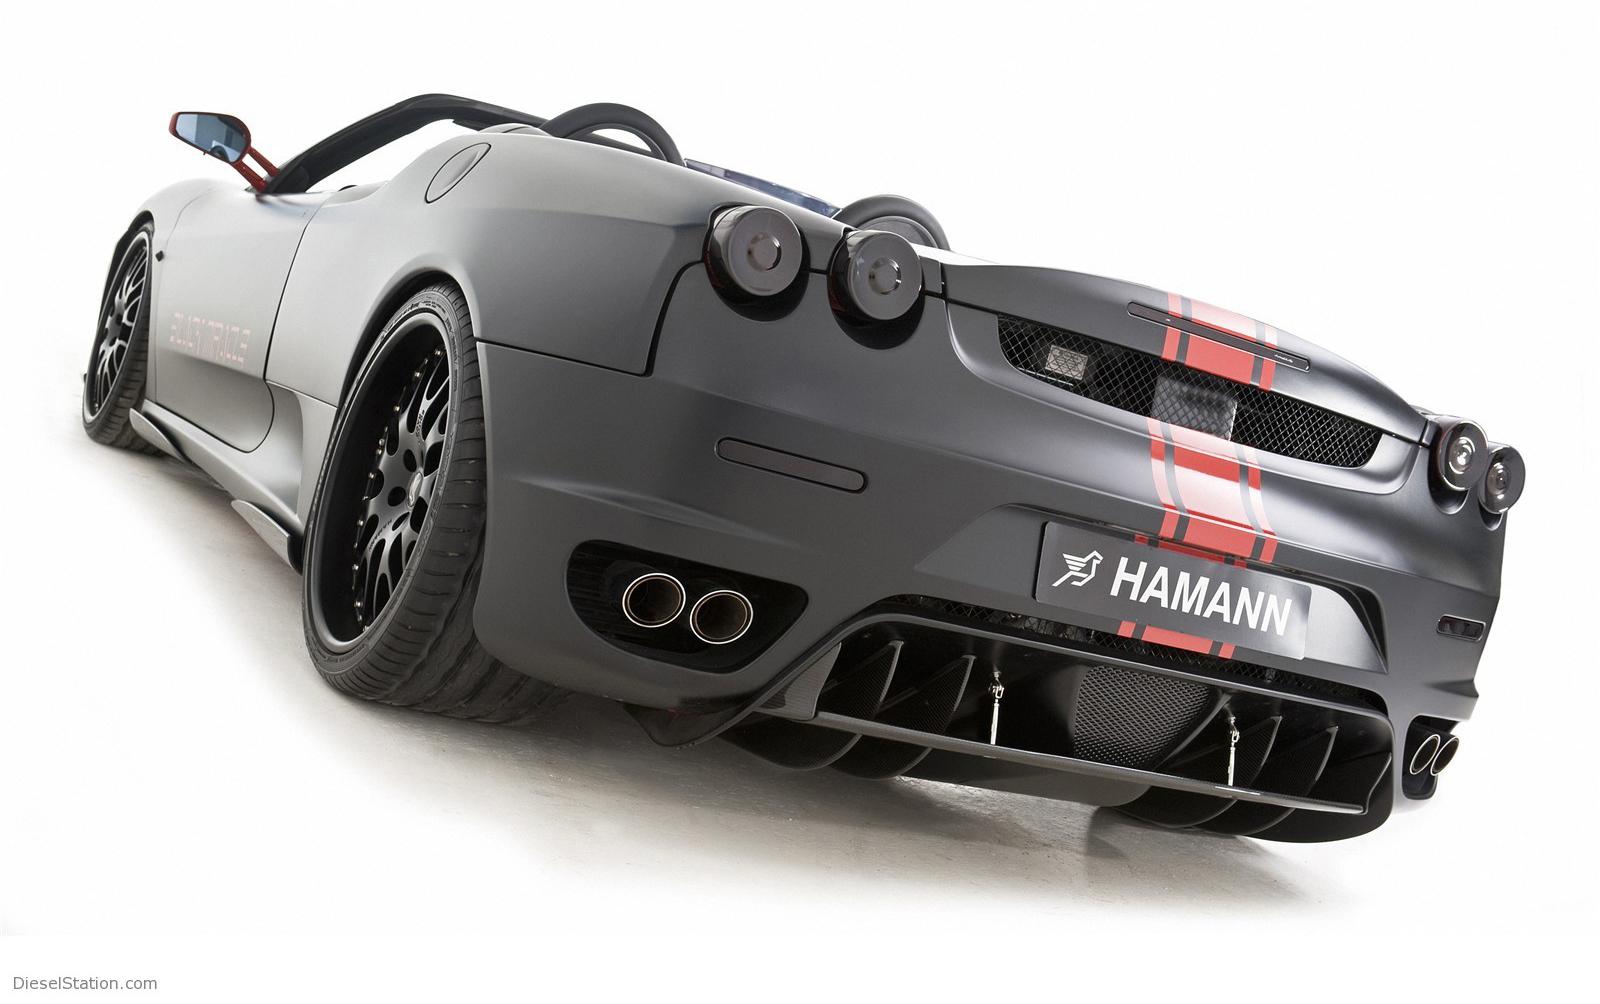 Диффузор на бампер Hamann для Ferrari F430